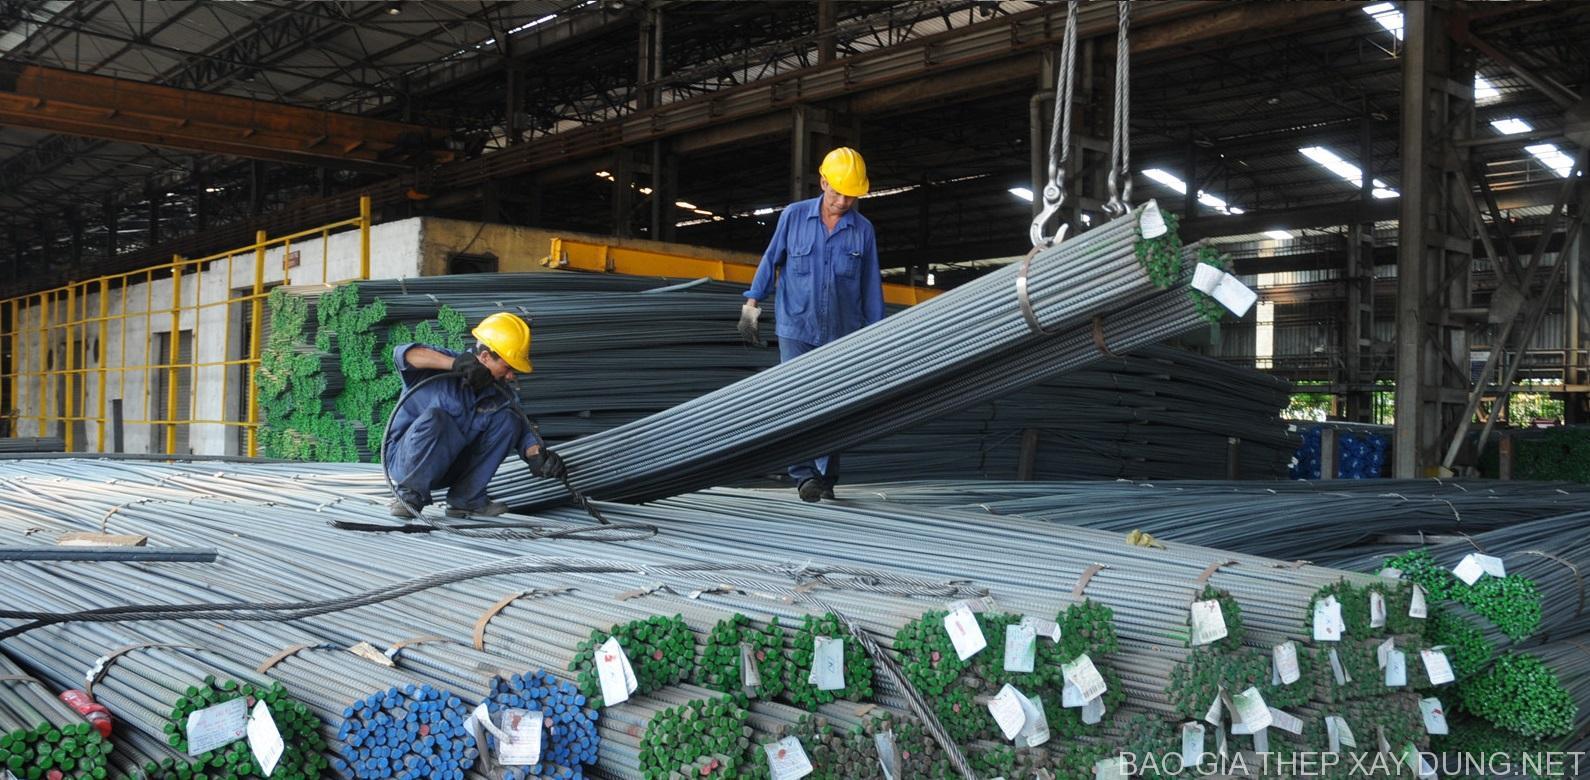 Kho sắt thép pomina trong hệ thống kho thép xây dựng